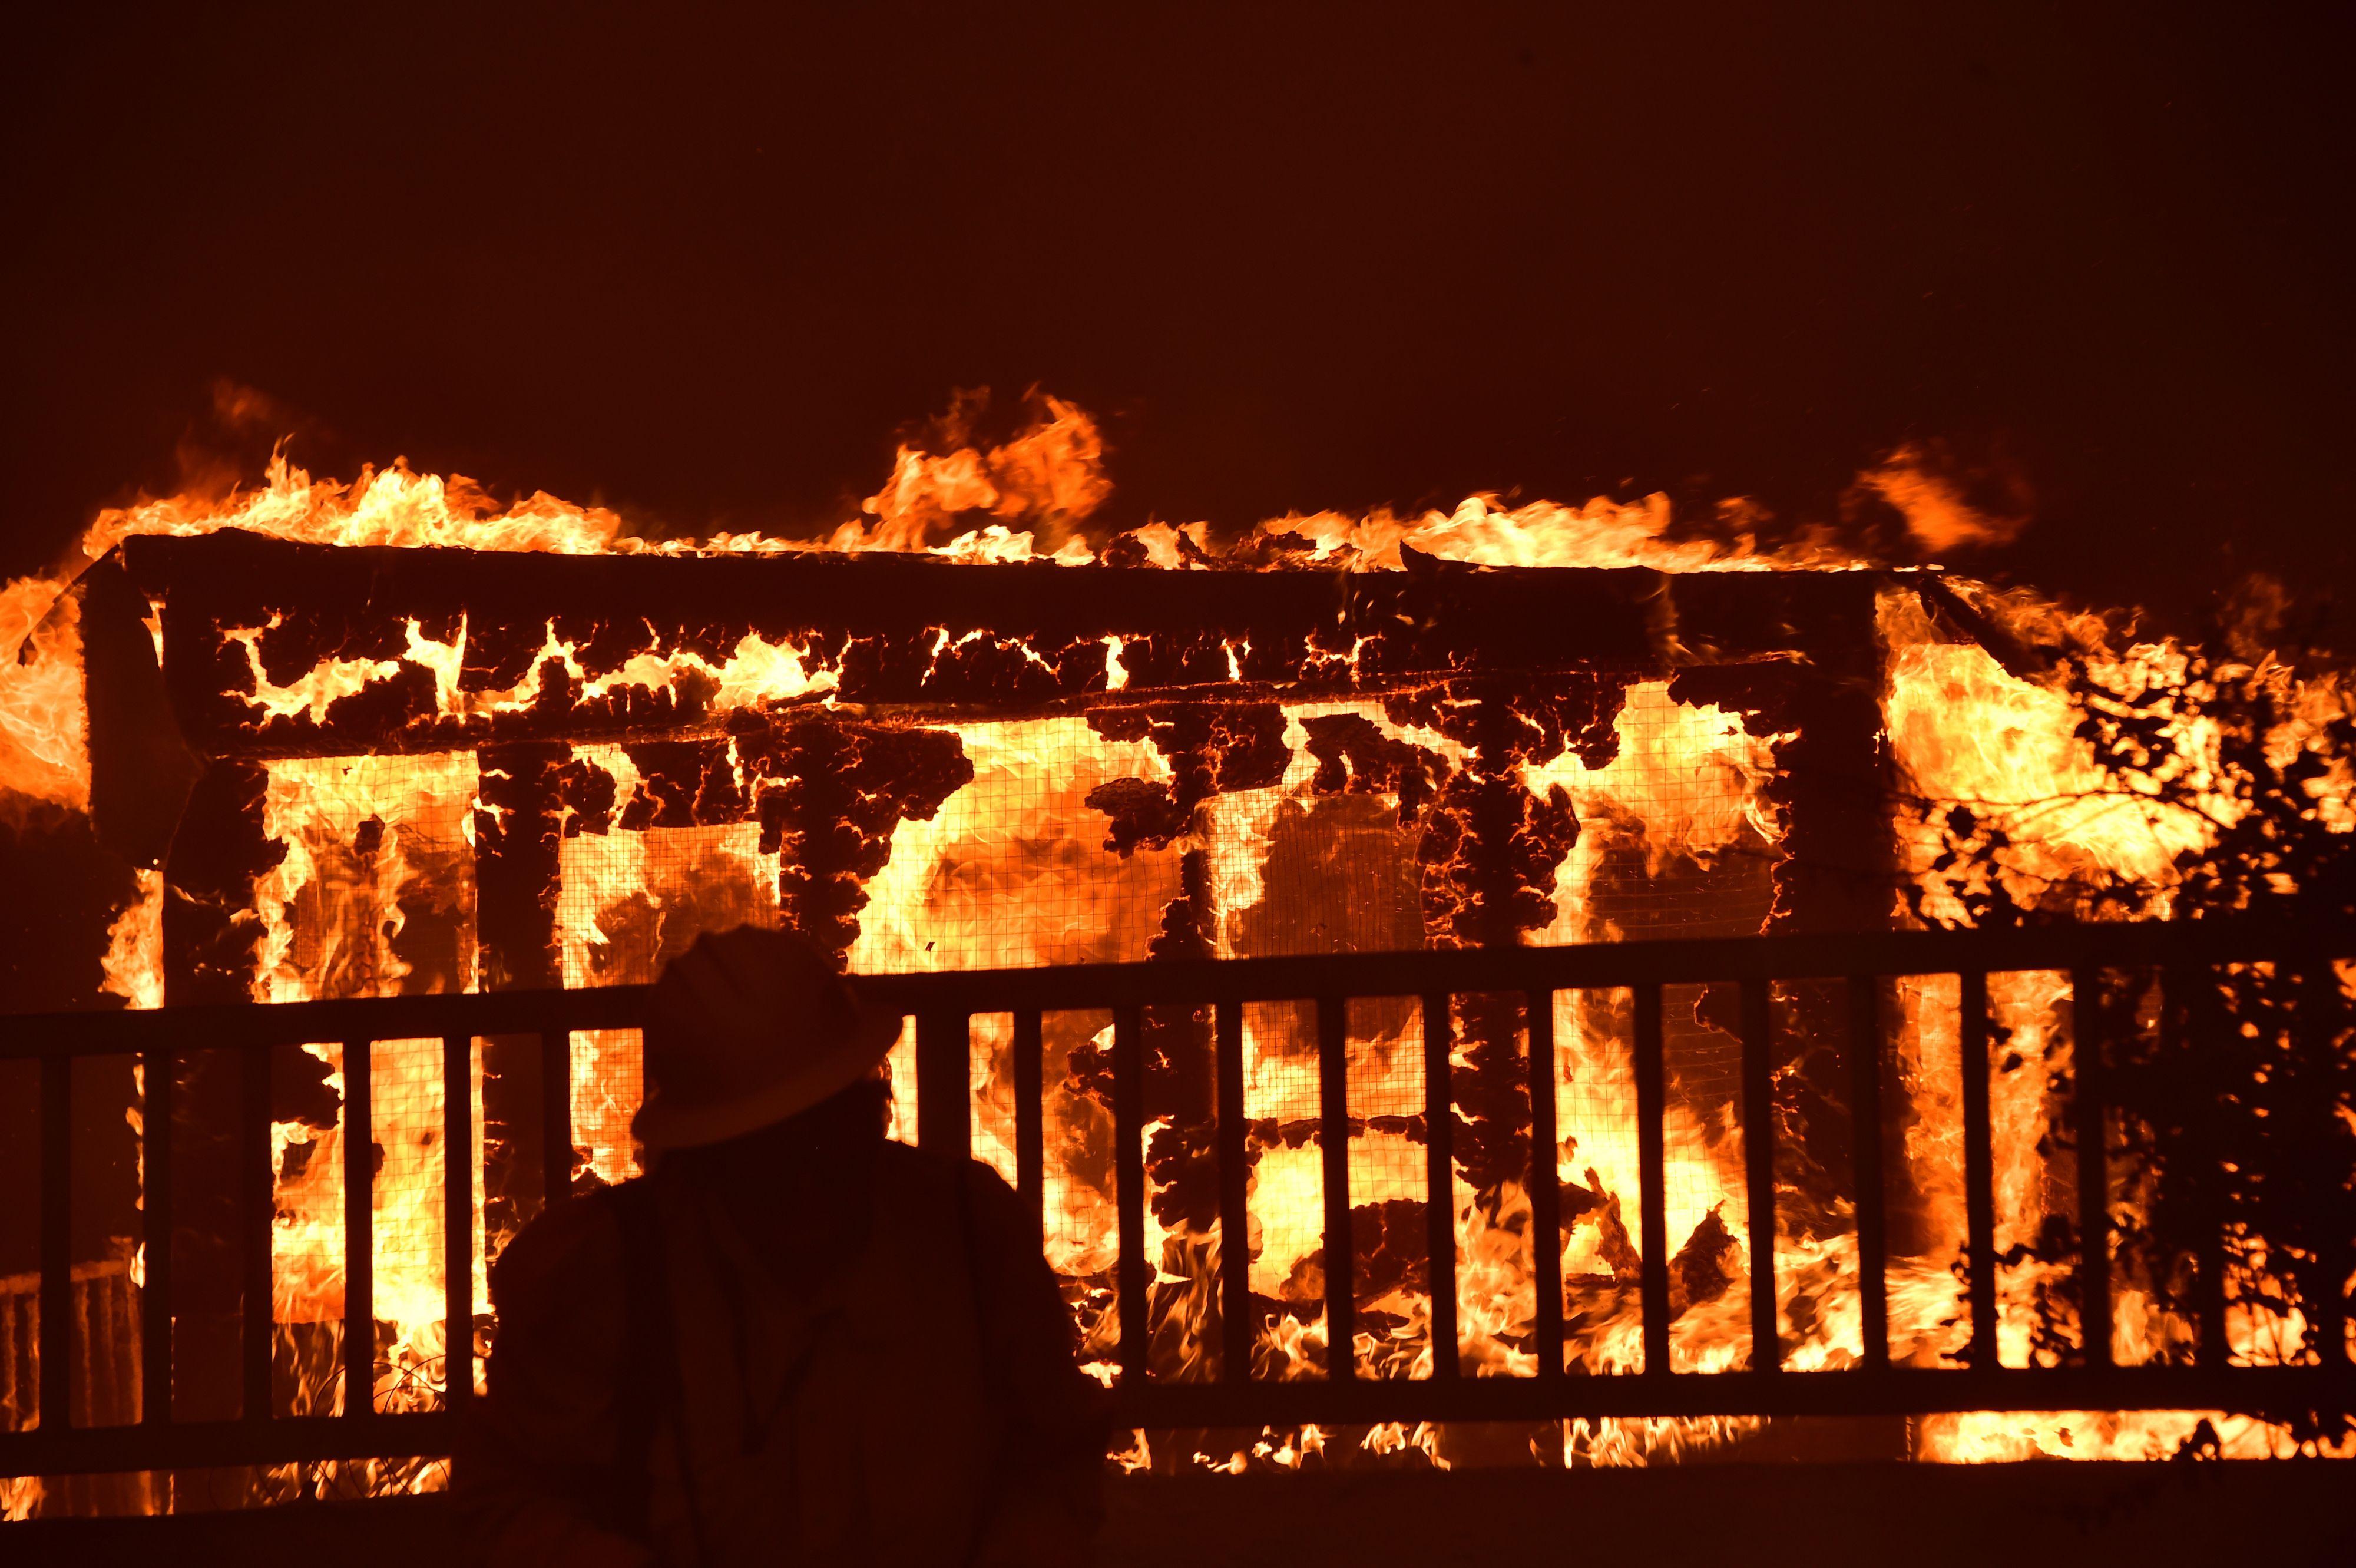 النيران تلتهم محتويات منزل